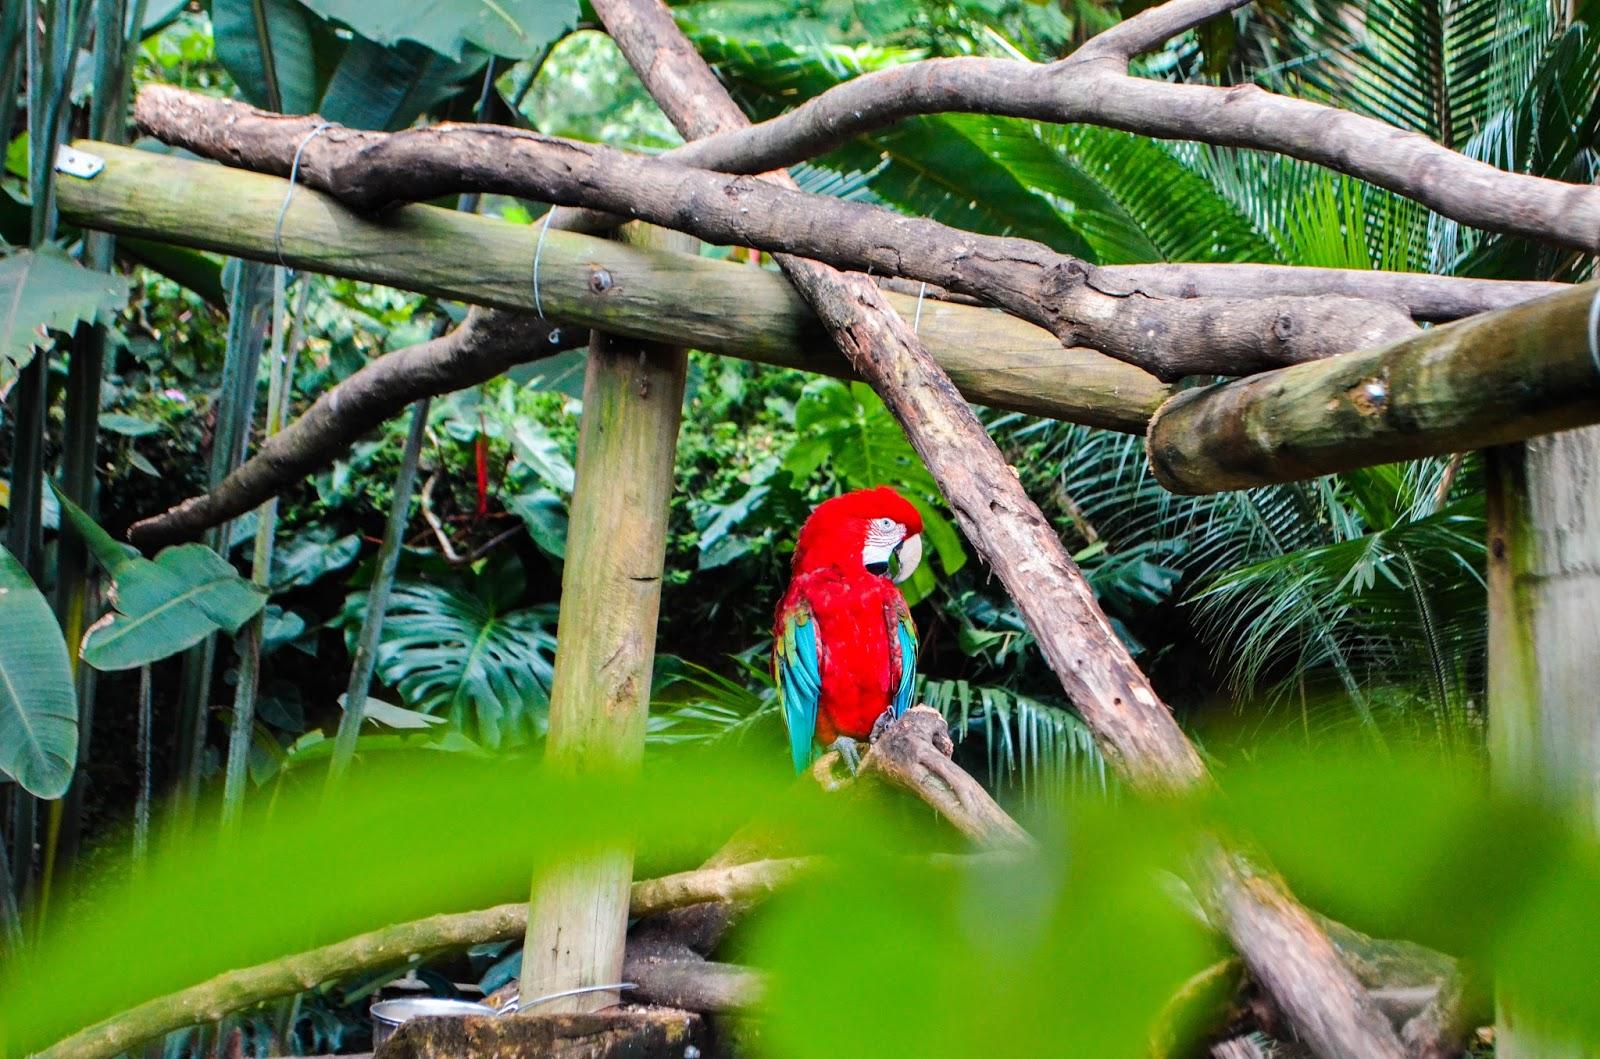 Cali, Colômbia - Zoológico e Pontos turísticos